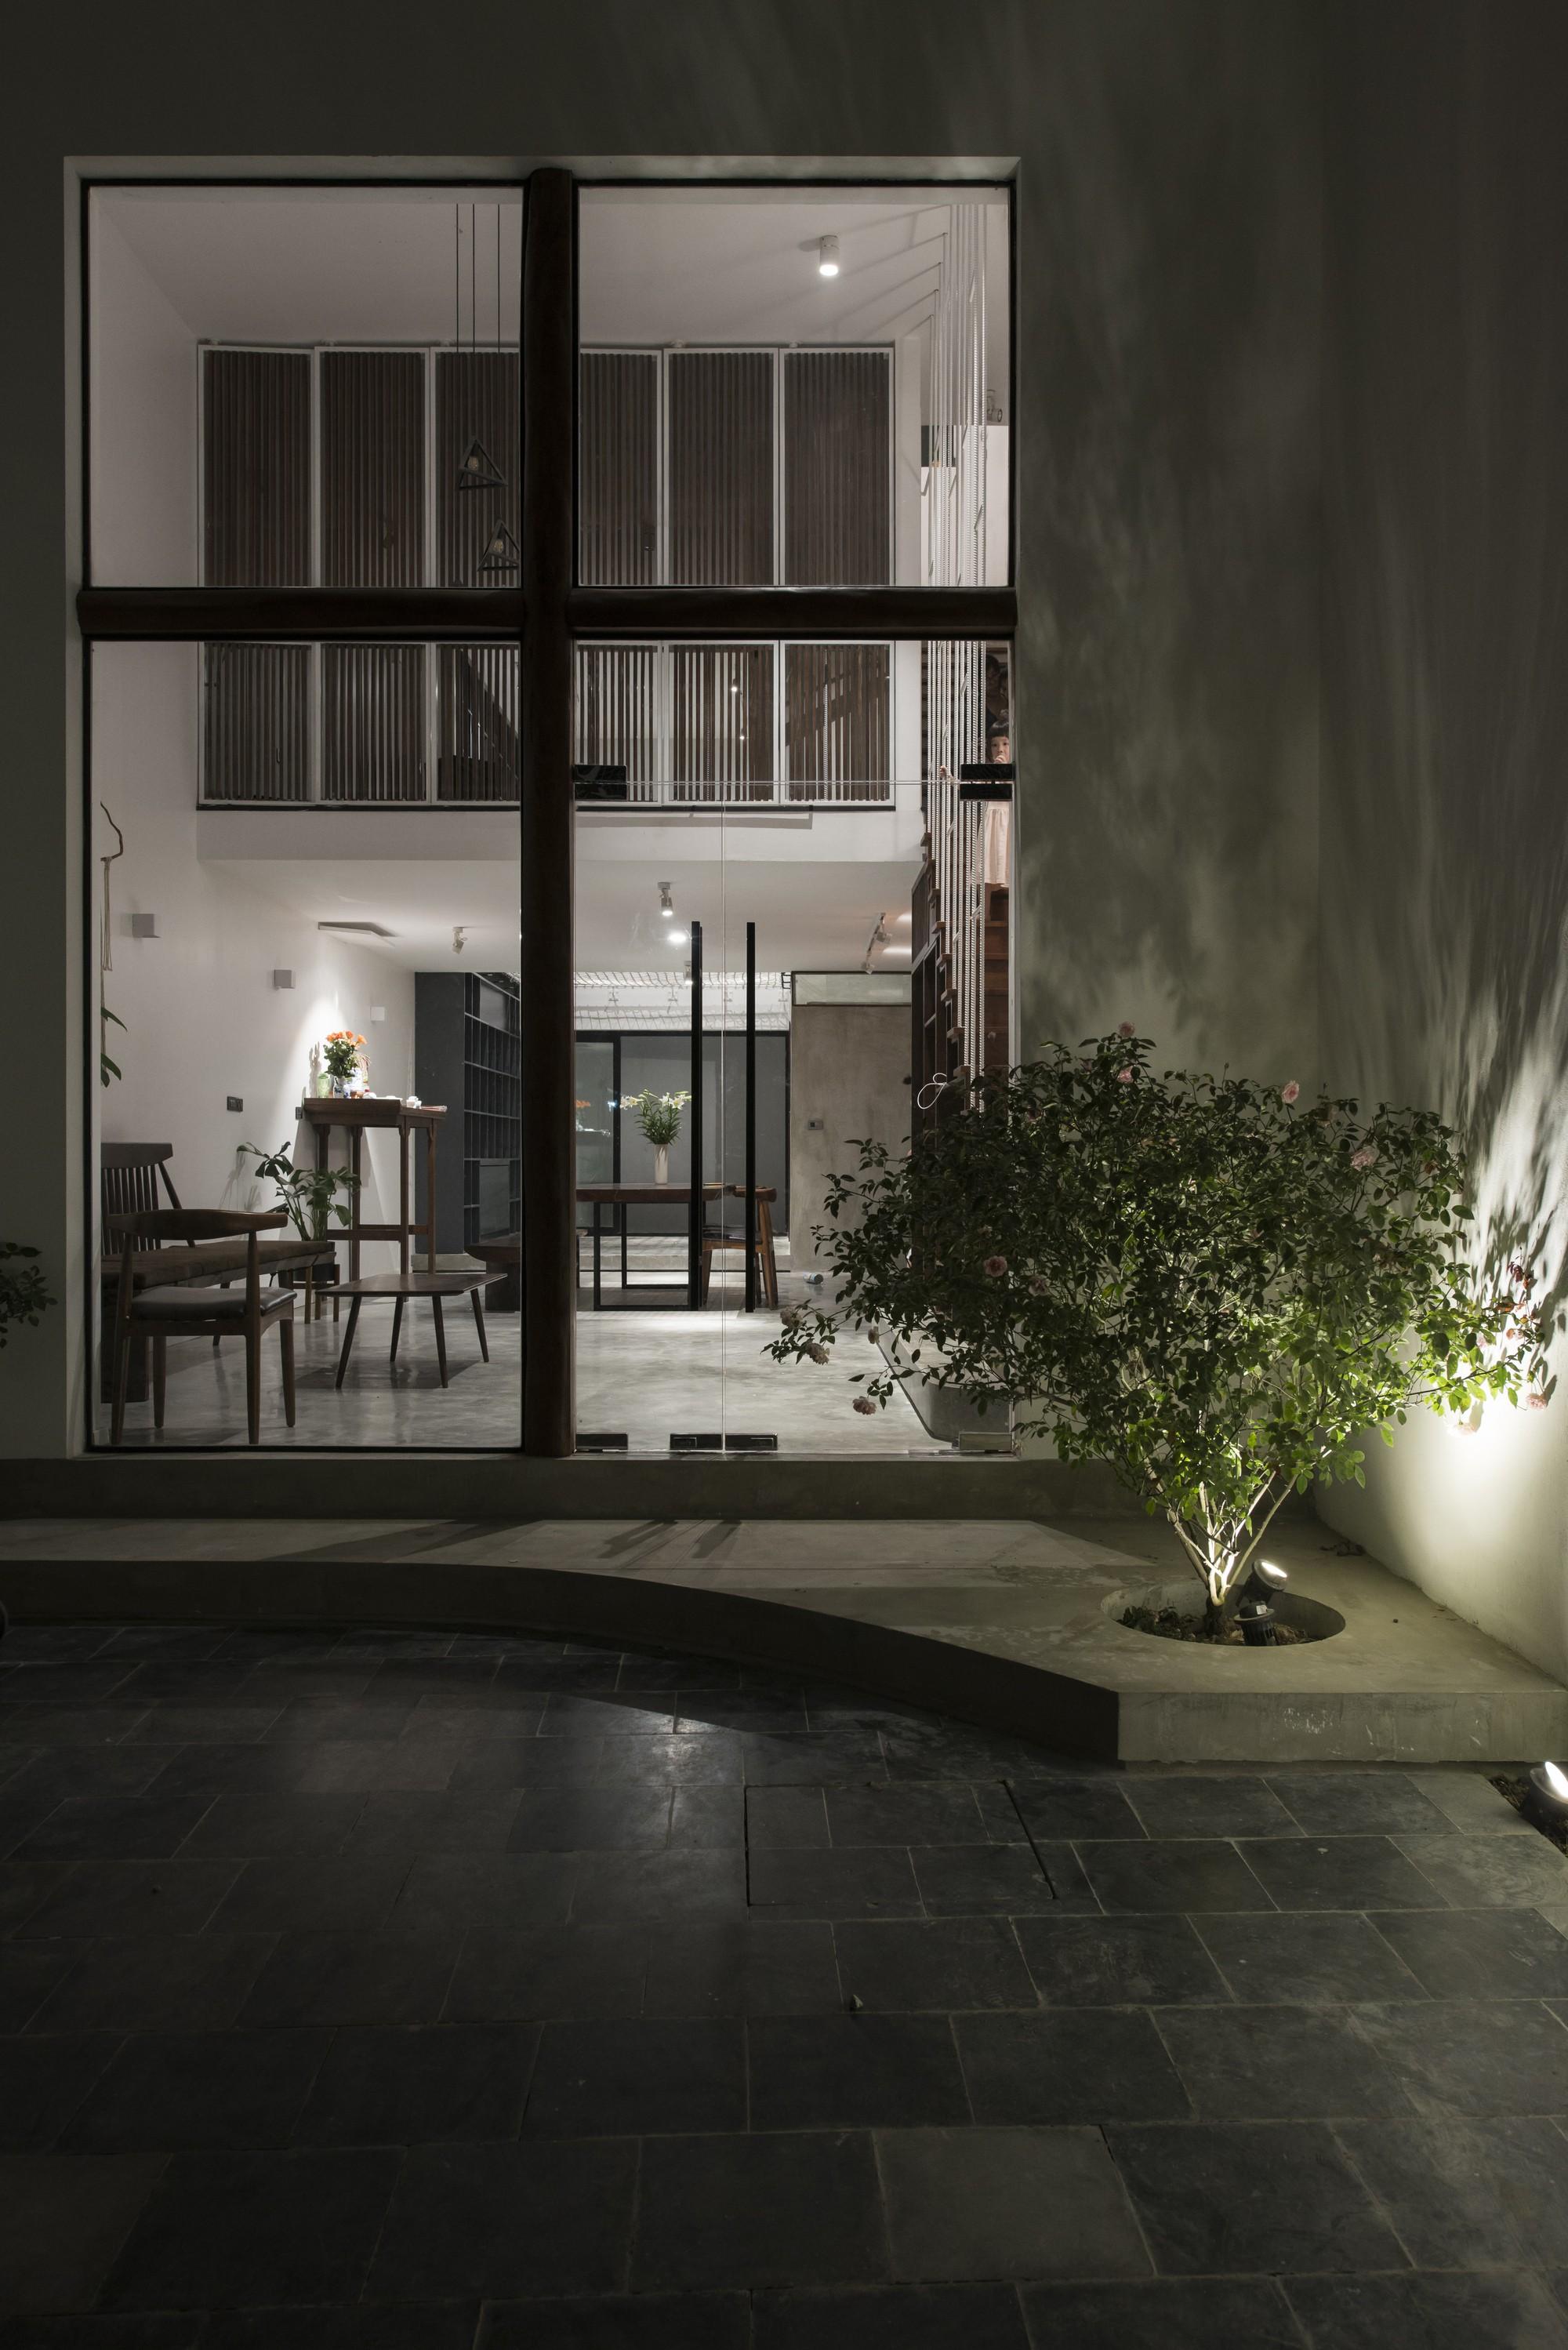 Quên đi cái thời cứ nhà ống là tối tăm, ngôi nhà ống ngập tràn ánh sáng ở Hà Nội này sẽ cho bạn thấy điều ngược lại - Ảnh 3.